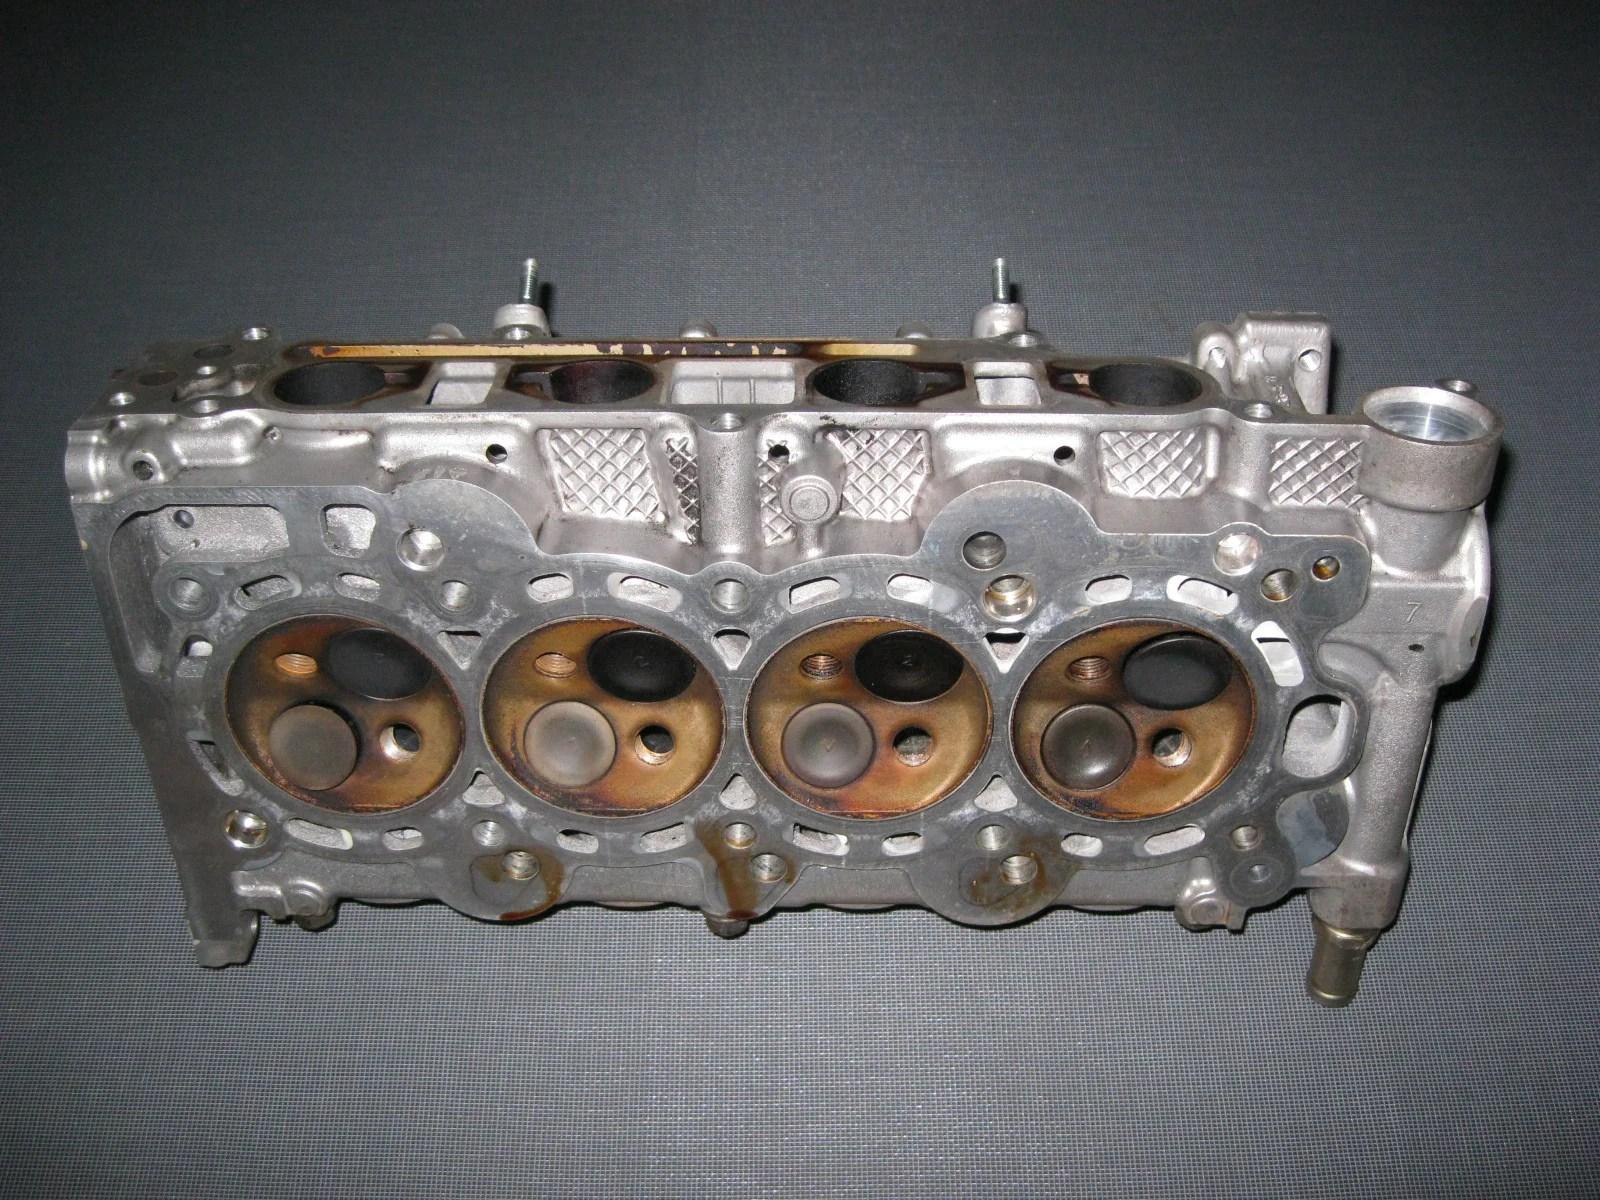 jdm 01 08 honda fit l13a i dsi engine cylinder head  [ 1600 x 1200 Pixel ]